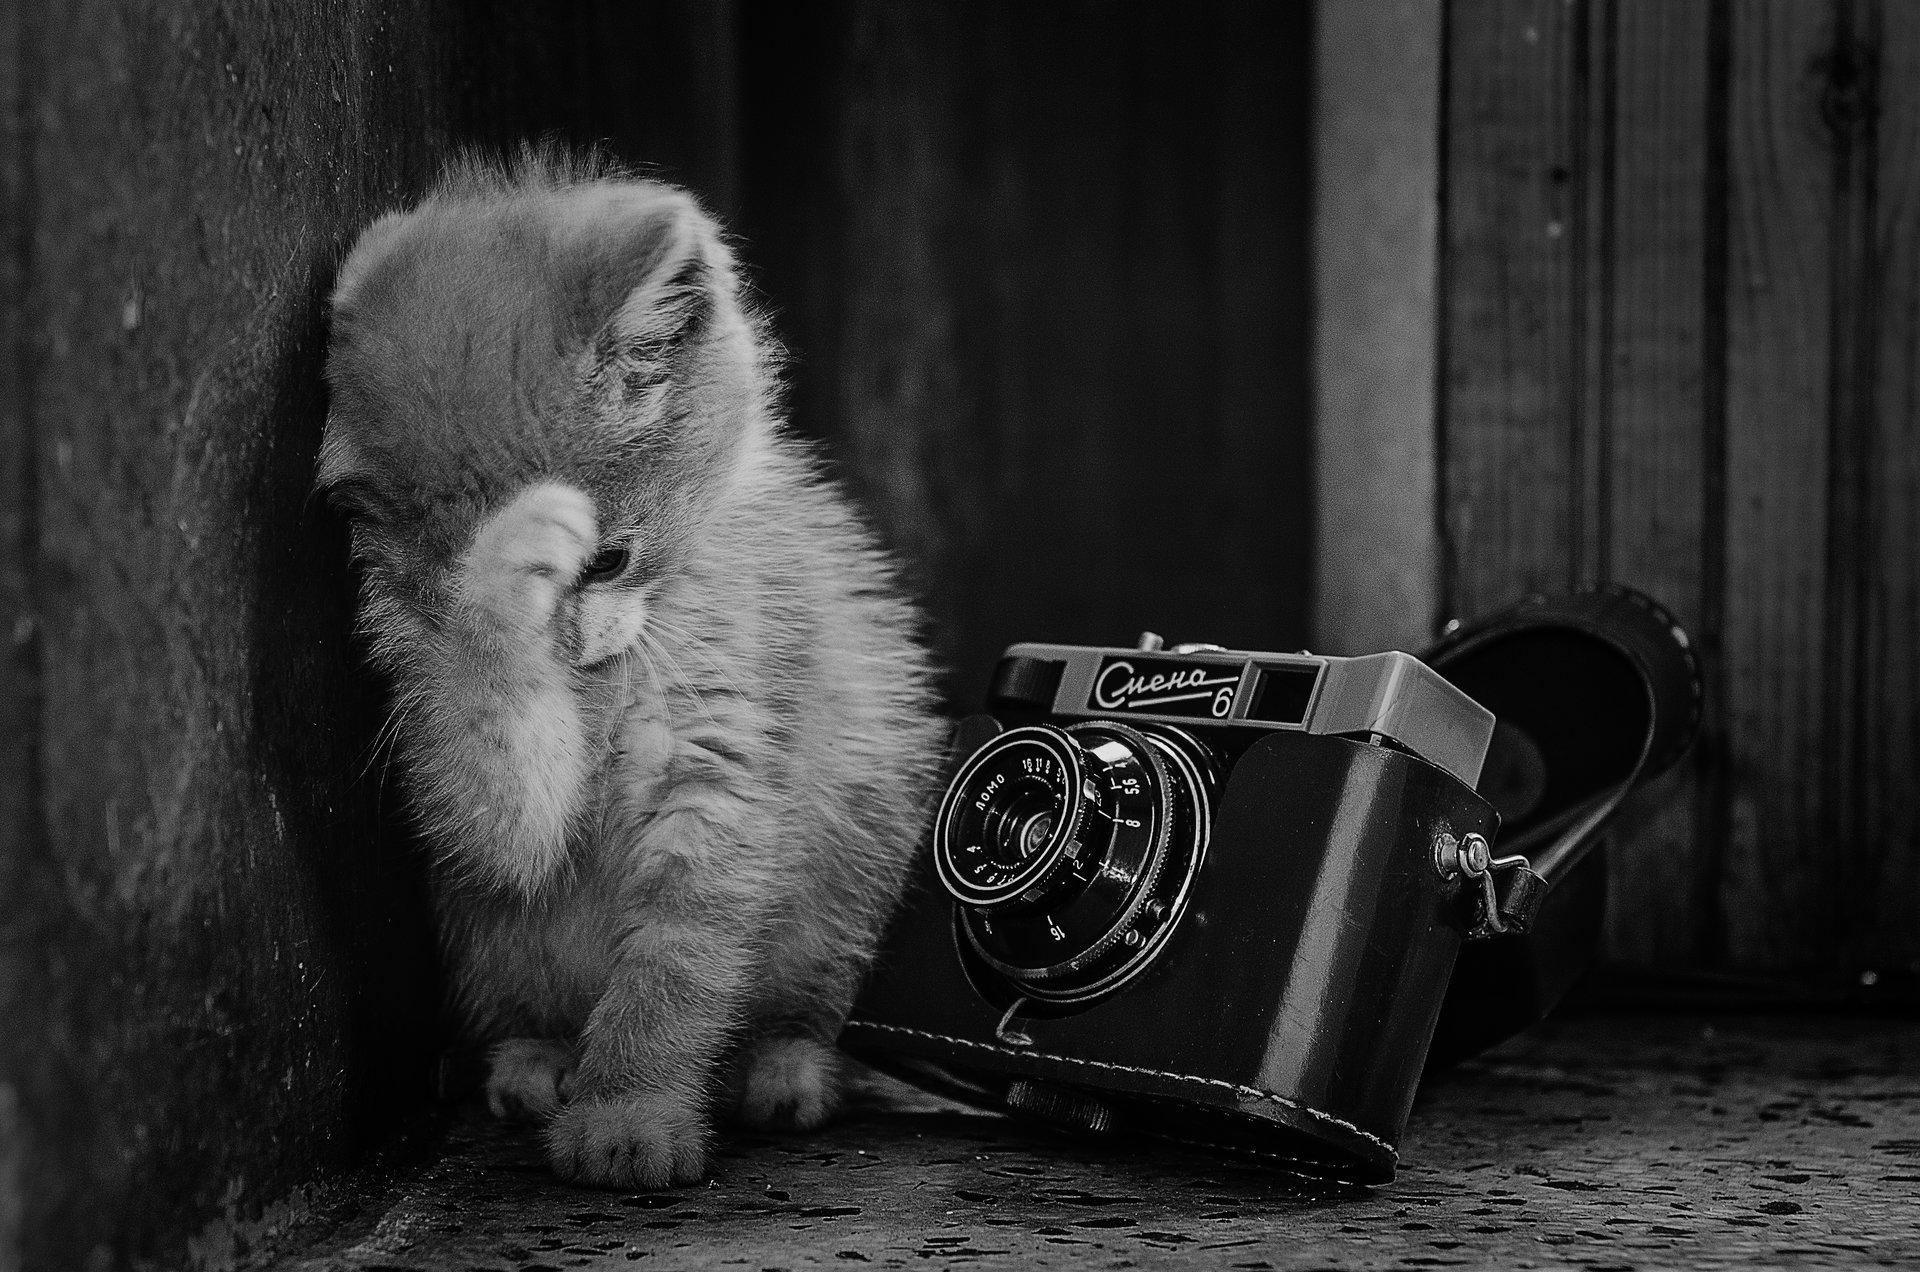 Срамежливко | Author Anton Dangov - PhoTONy | PHOTO FORUM